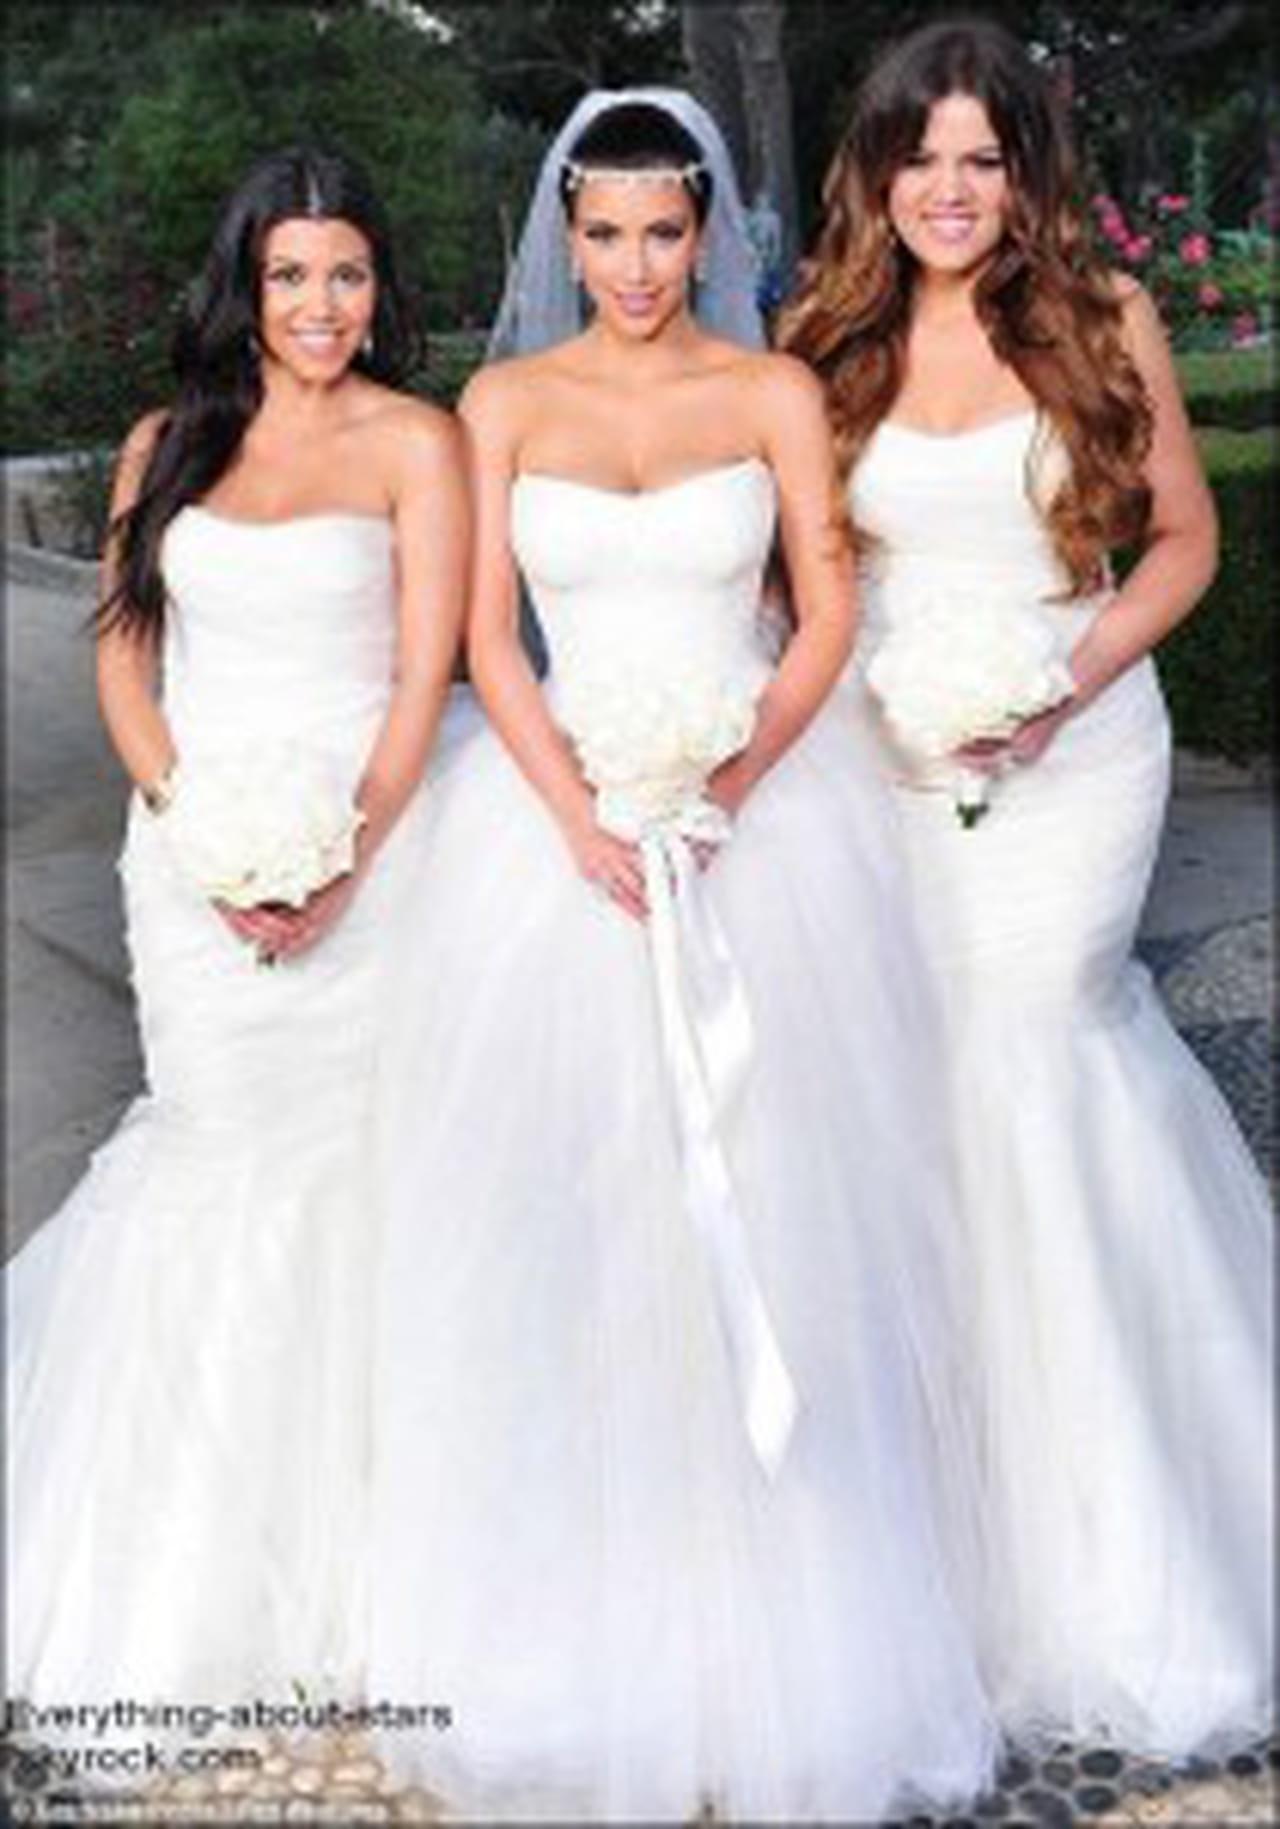 Après les voeux de bonheur, le couple est parti dans une réception , Kim a changé de robe pour une mini,robe Balmain !